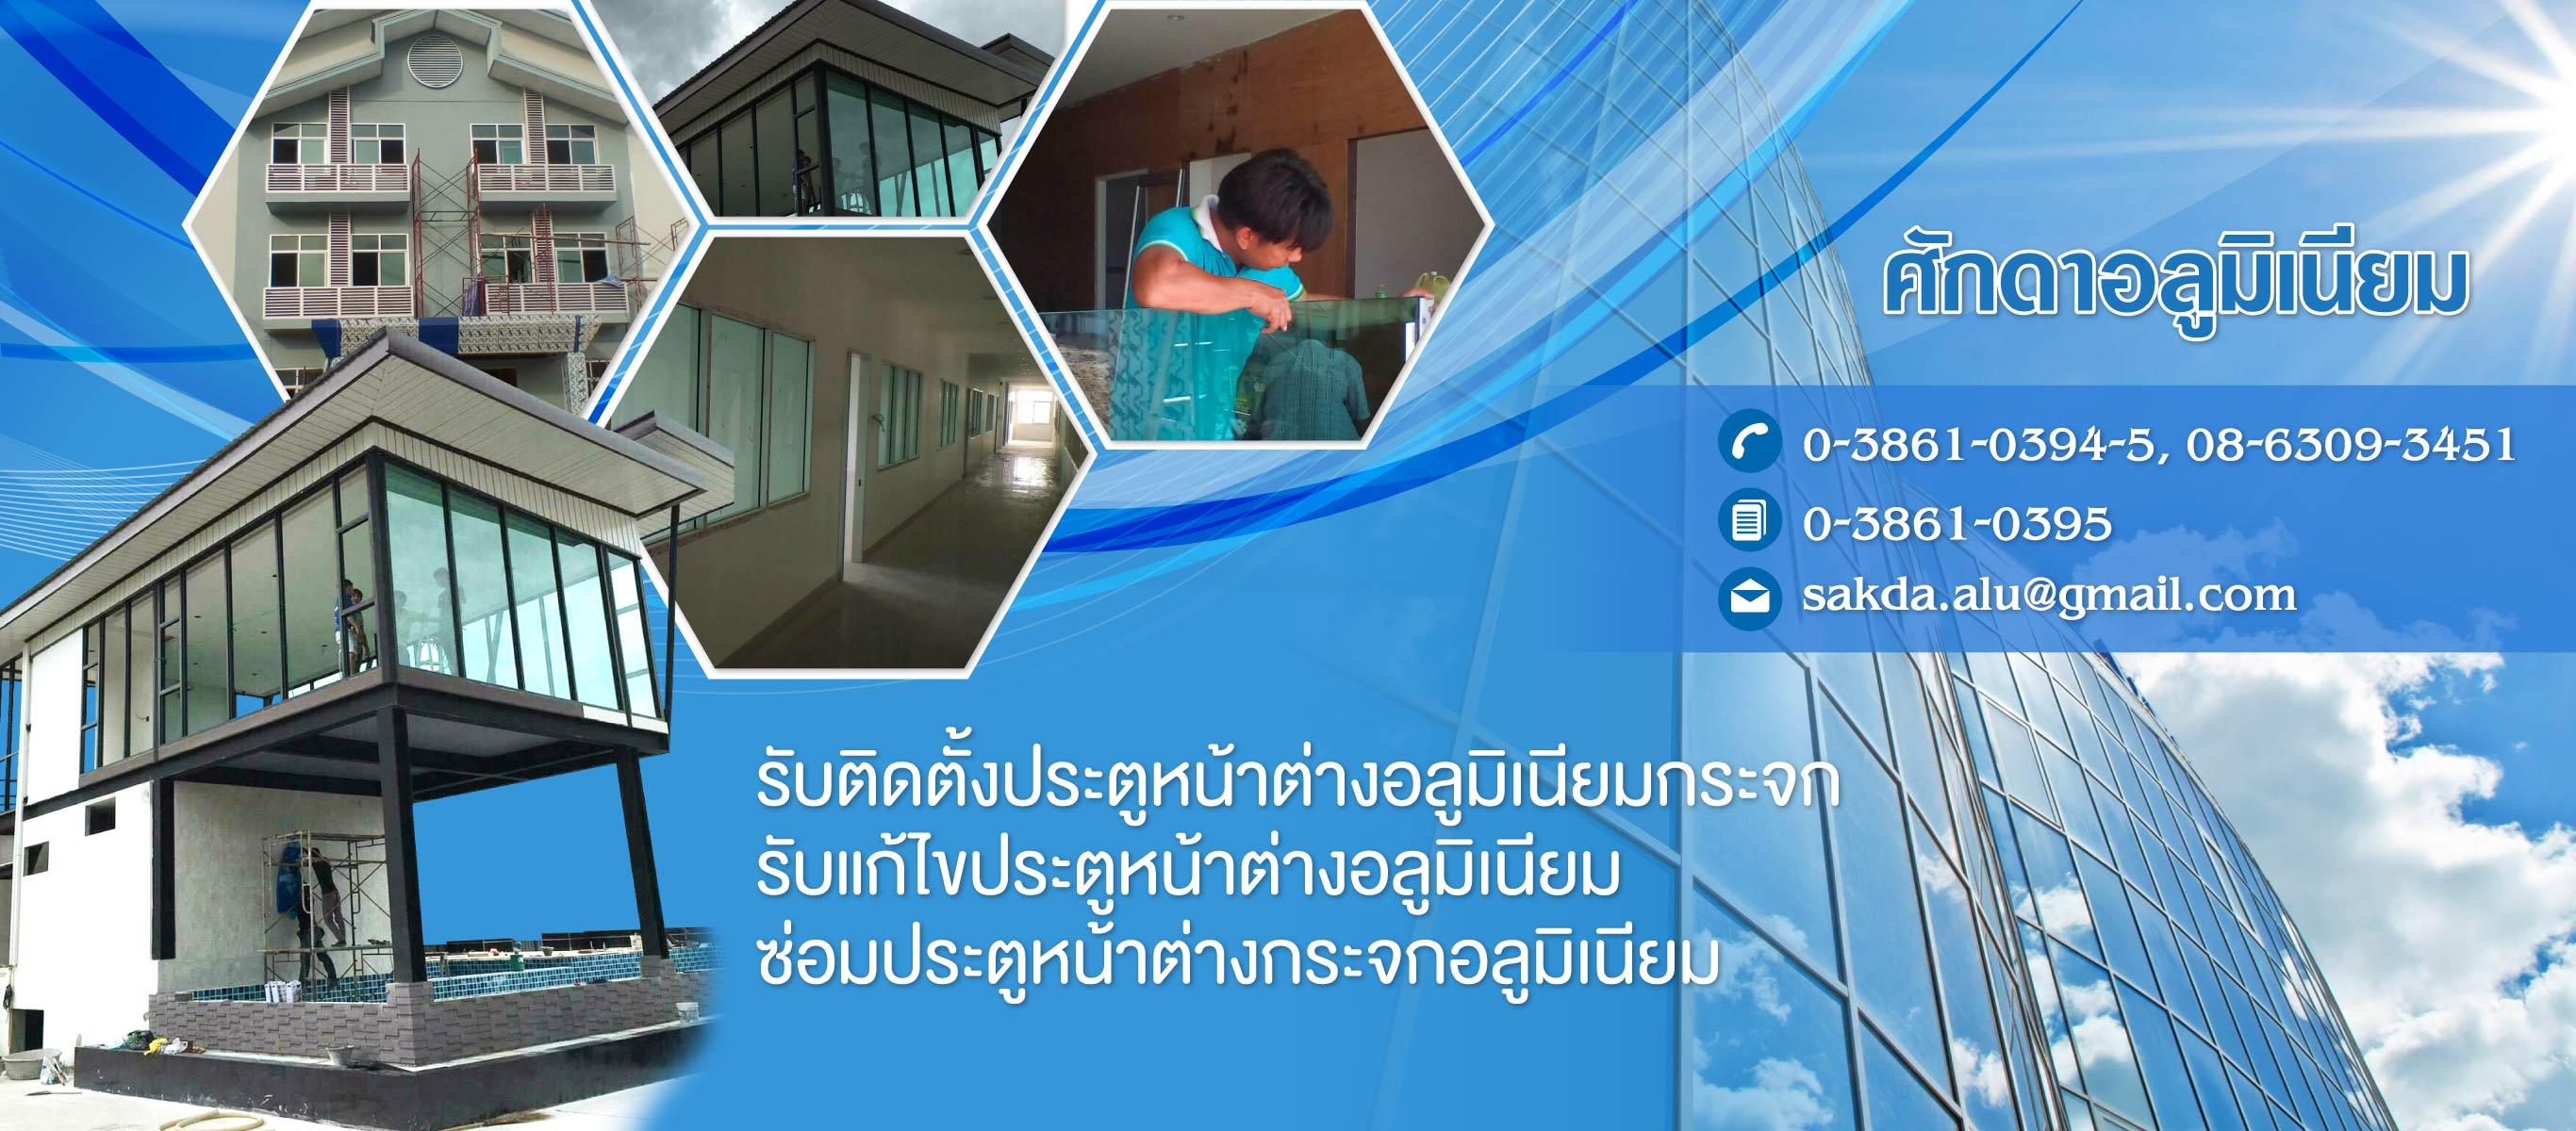 ศักดาอลูมิเนียม-งานติดตั้งอลูมิเนียม-ชลบุรี